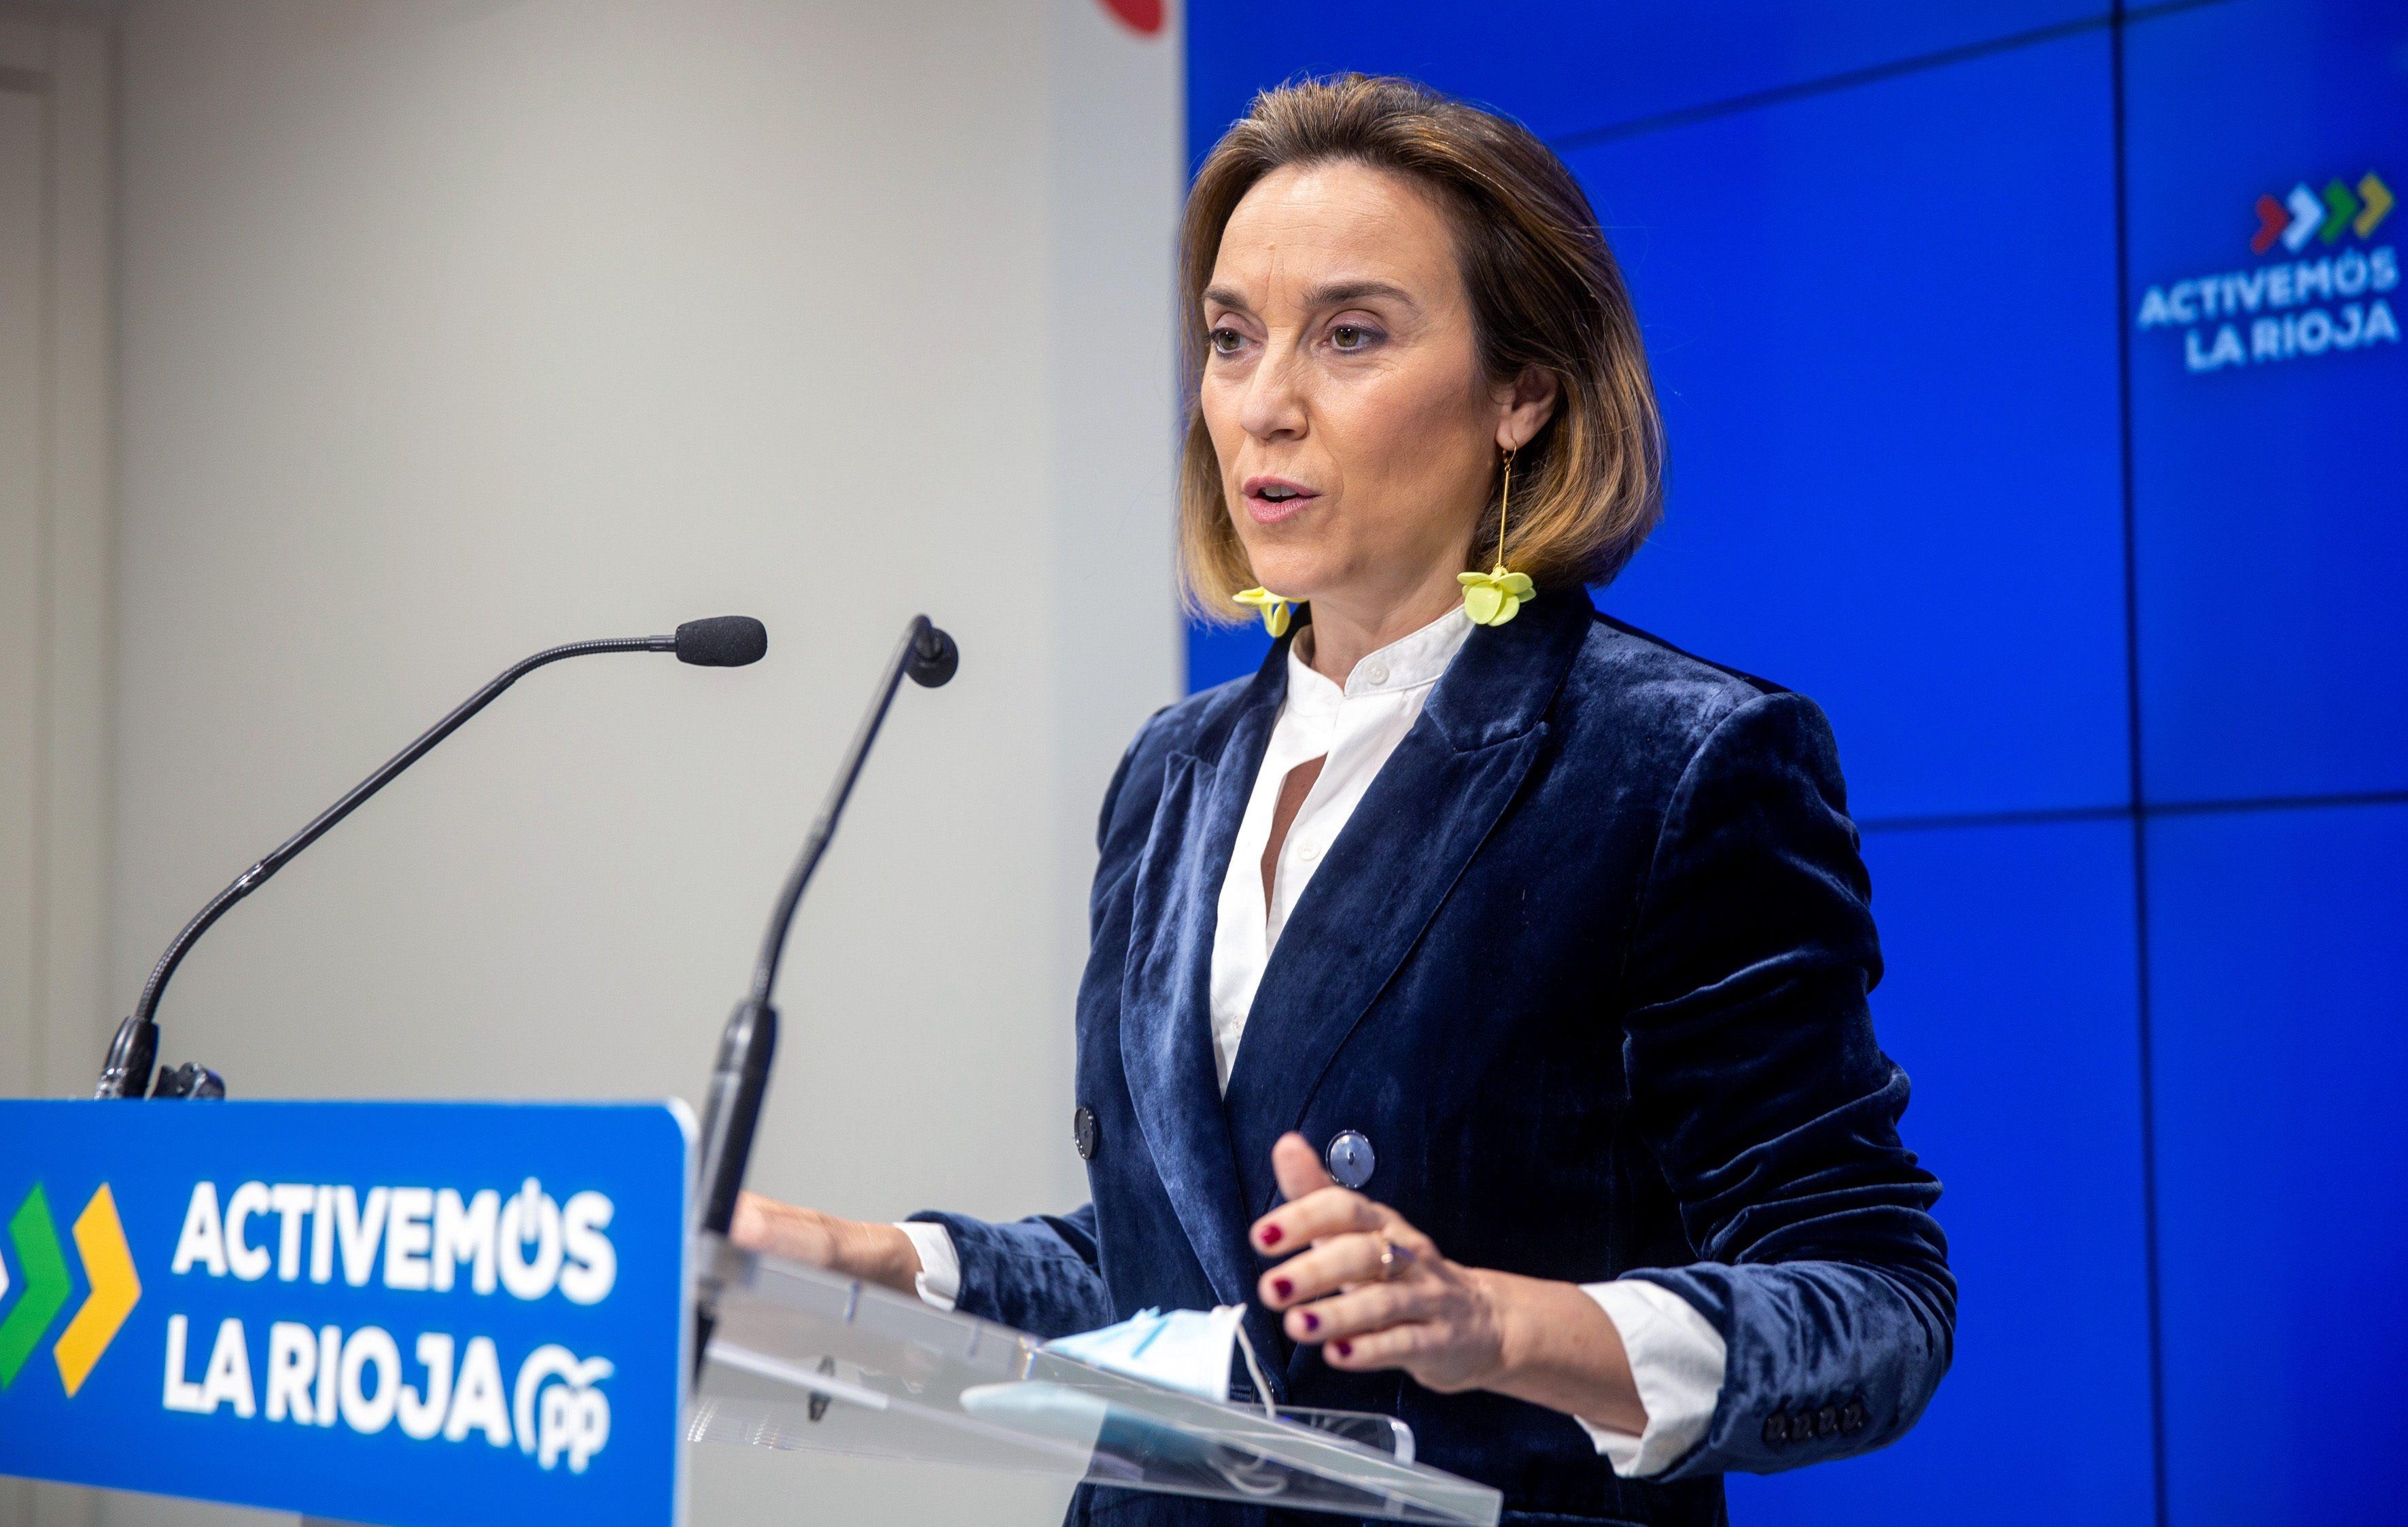 La portavoz del PP en el Congreso, Cuca Gamarra.